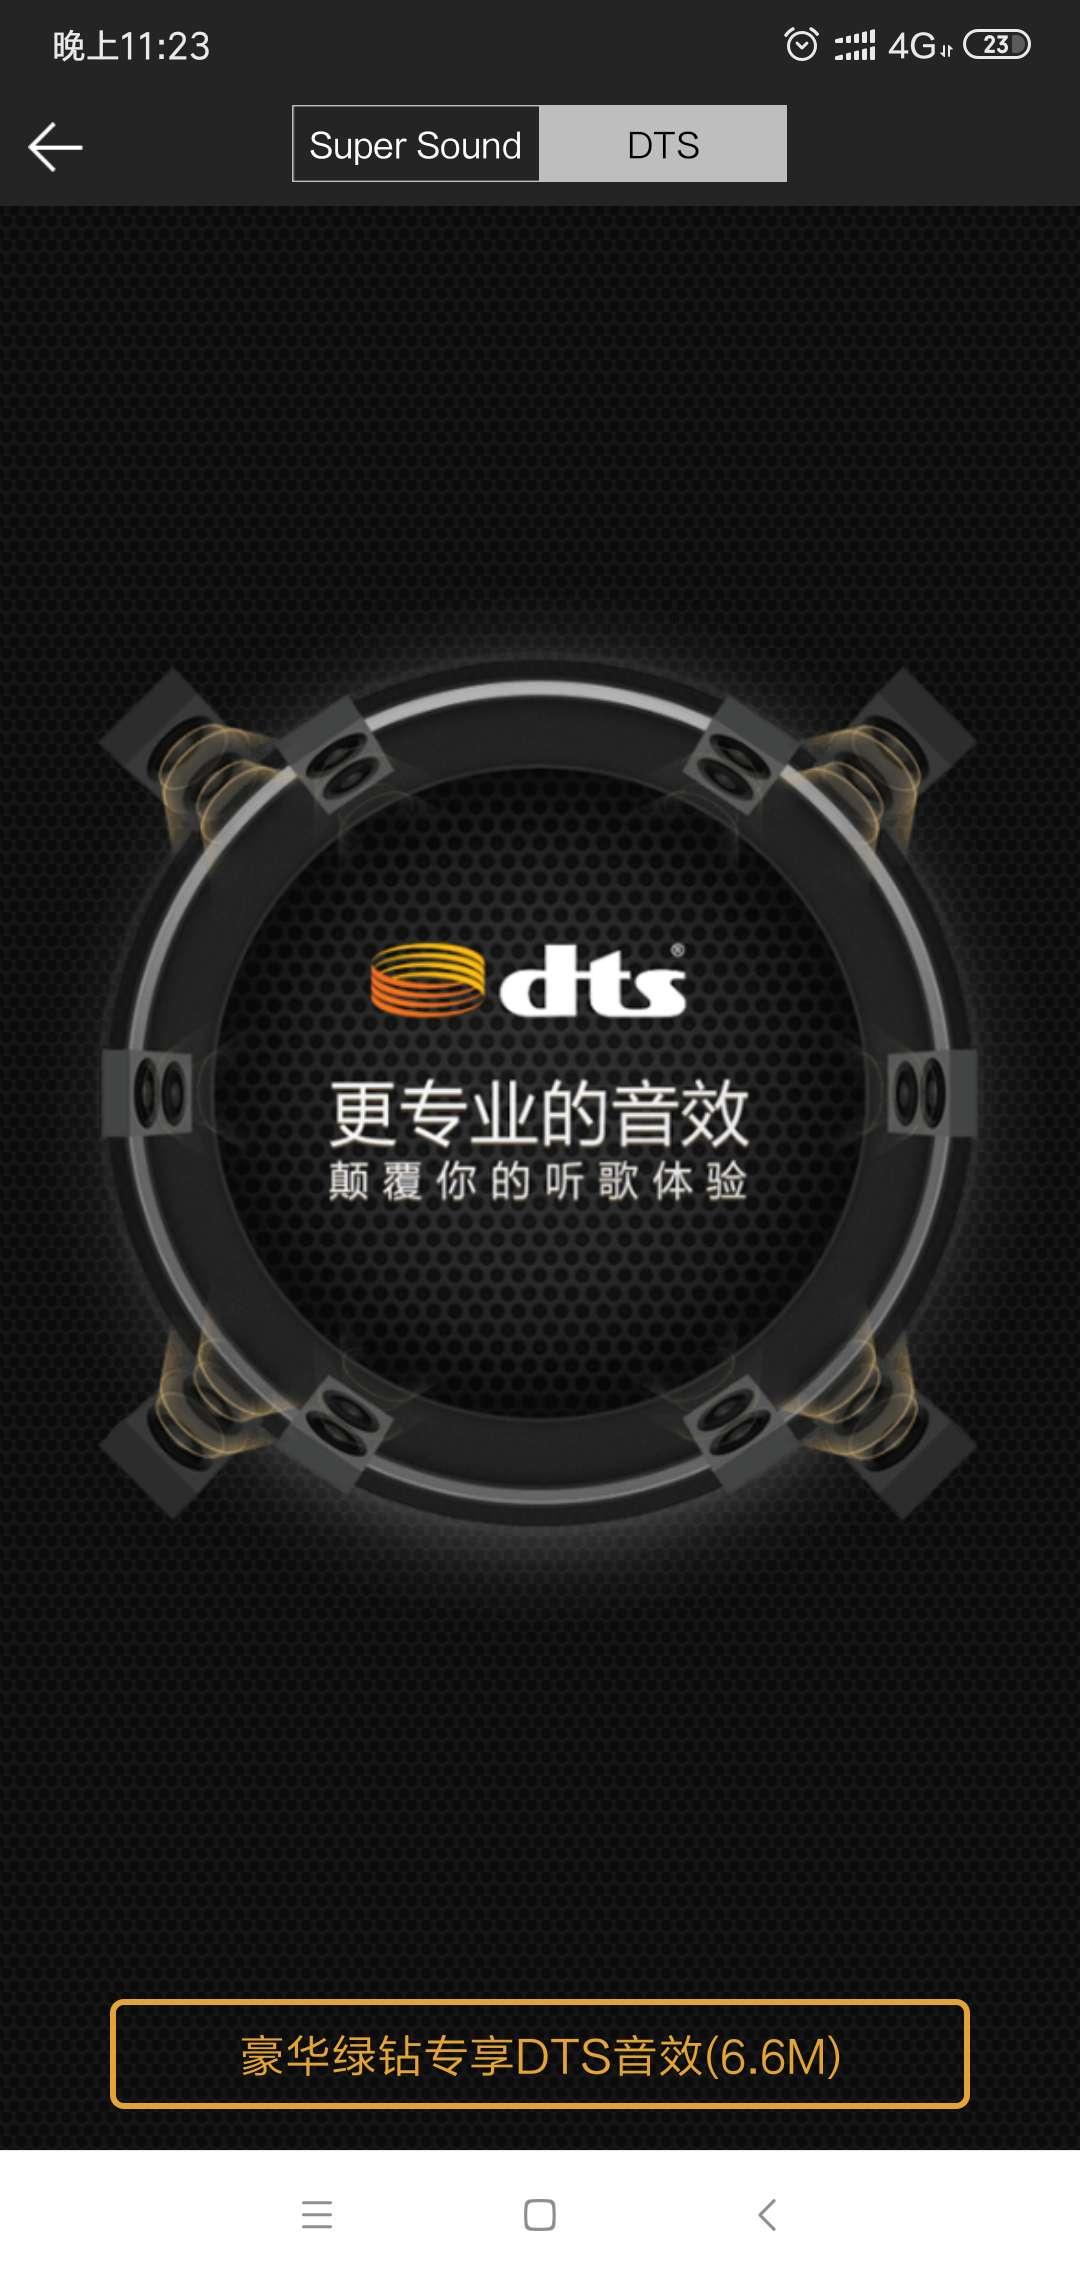 【原创修改】最新QQ音乐dts音效破解版v9.7.0.11